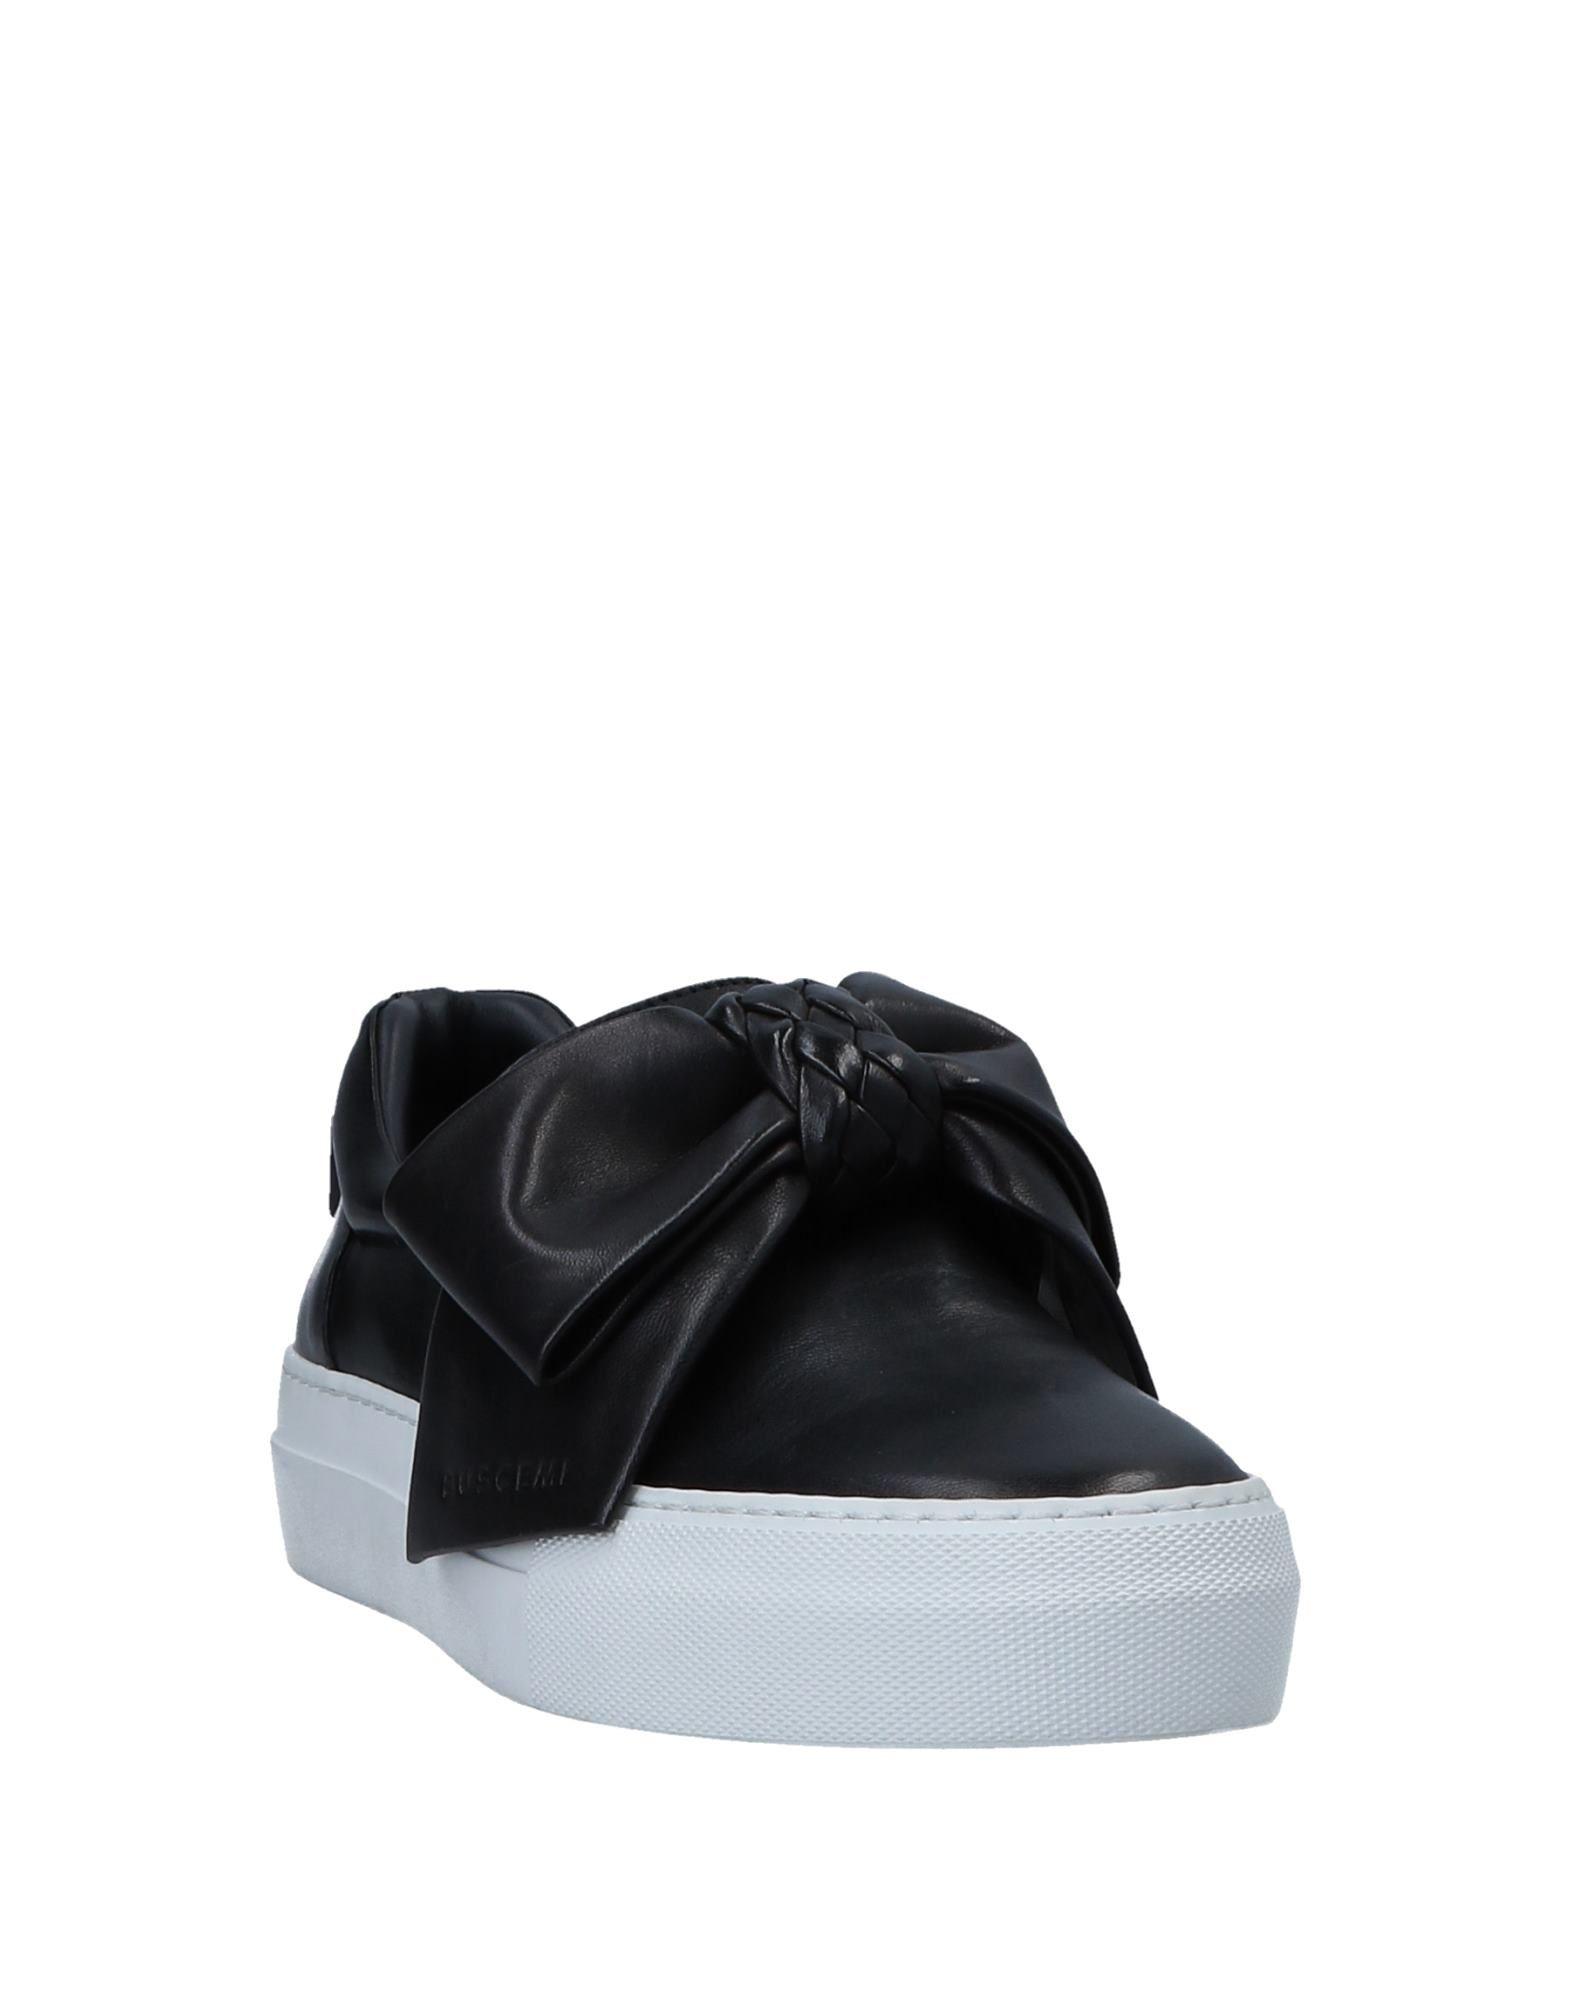 Buscemi Sneakers 11558106VRGünstige Damen  11558106VRGünstige Sneakers gut aussehende Schuhe 8434b8